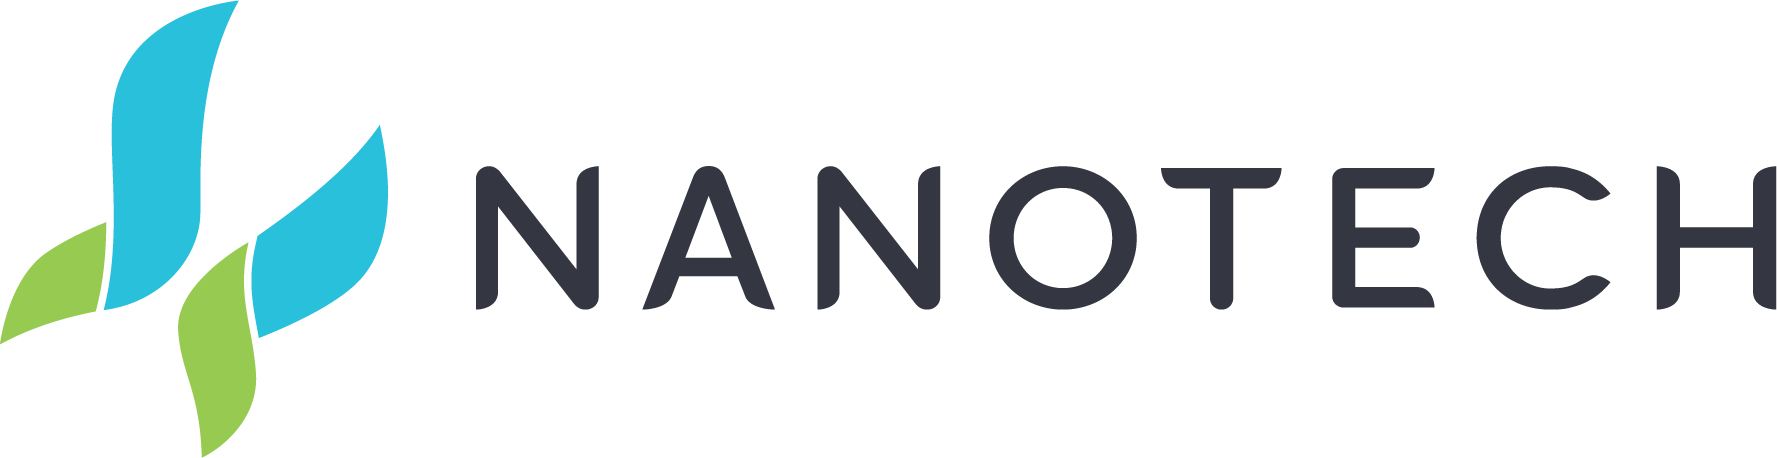 Nanotech Announces Shareholder Meeting Results